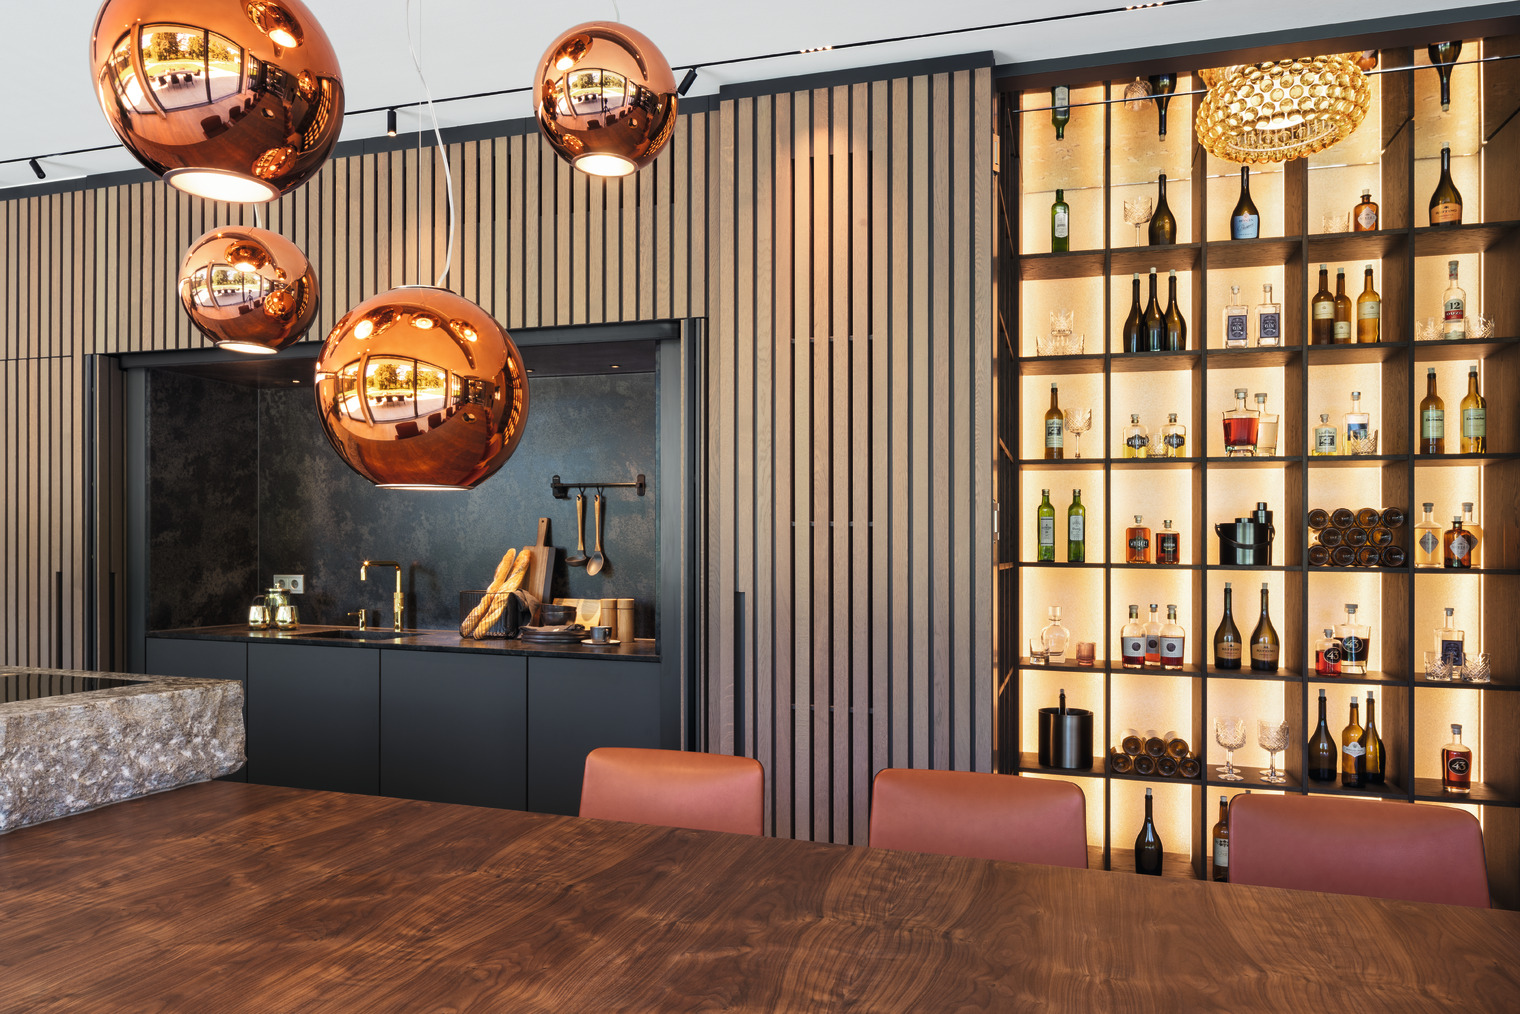 moderne Küche mit integrierter Bar